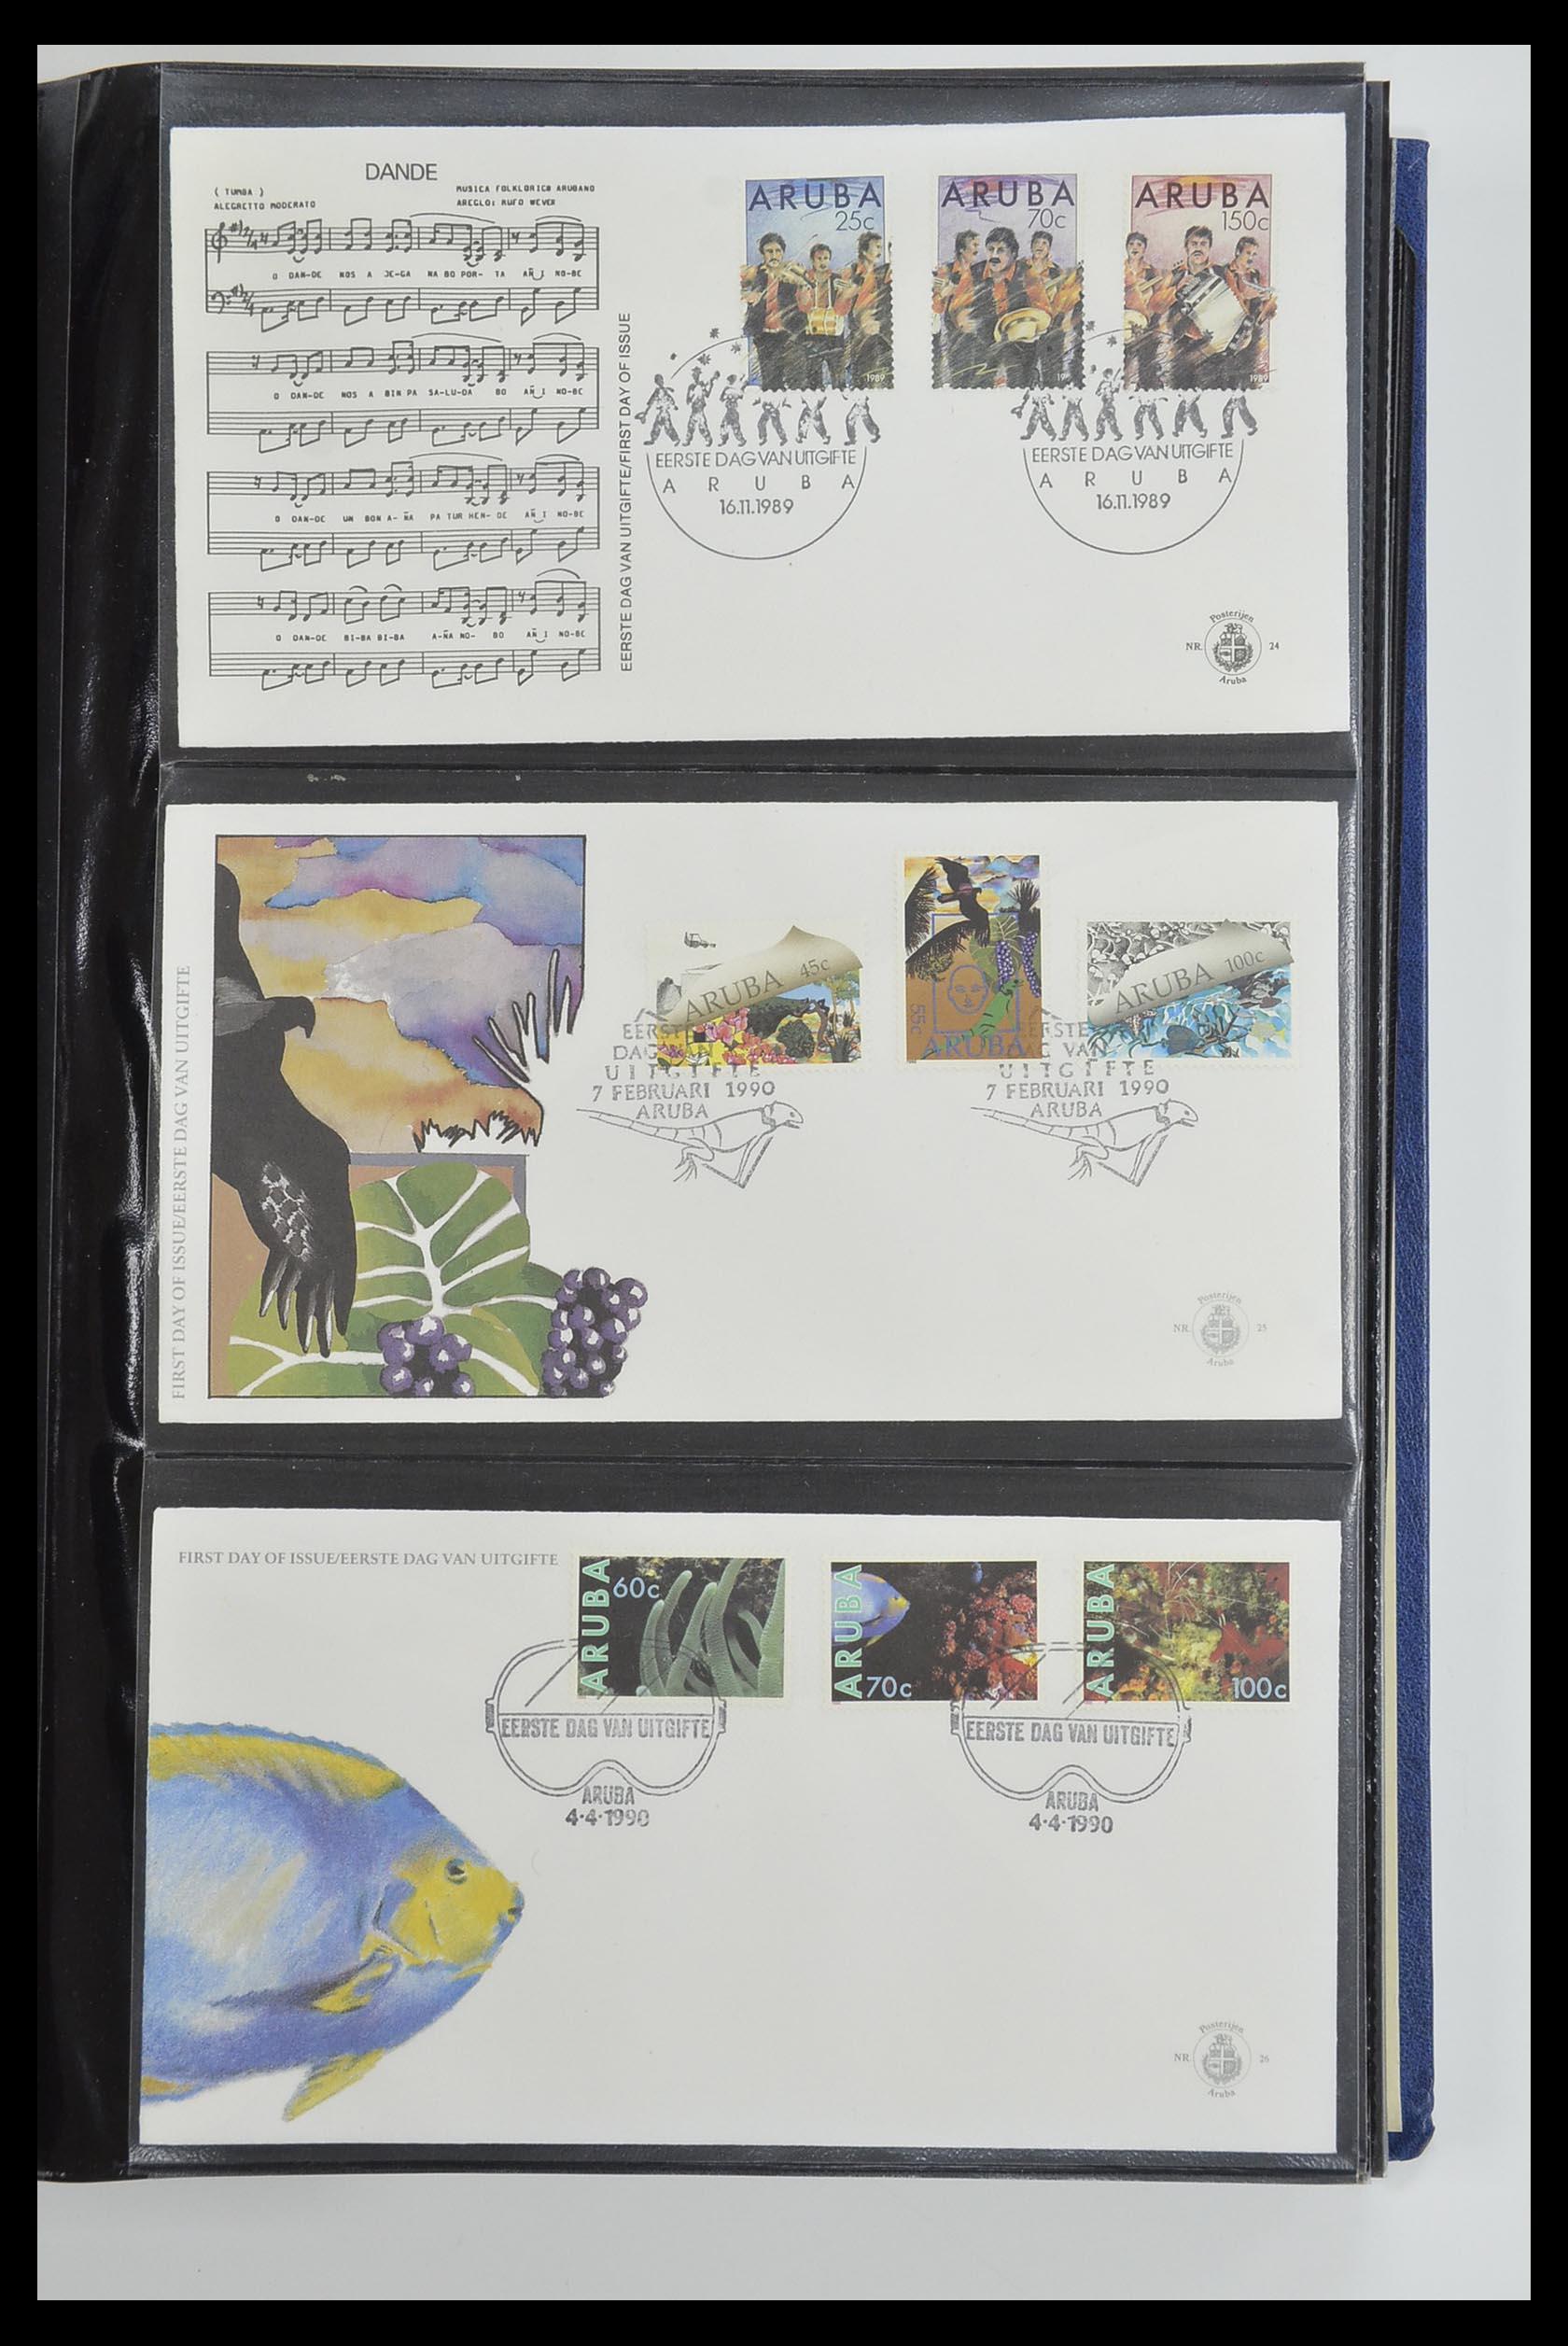 33585 009 - Postzegelverzameling 33585 Aruba FDC's 1986-2006.